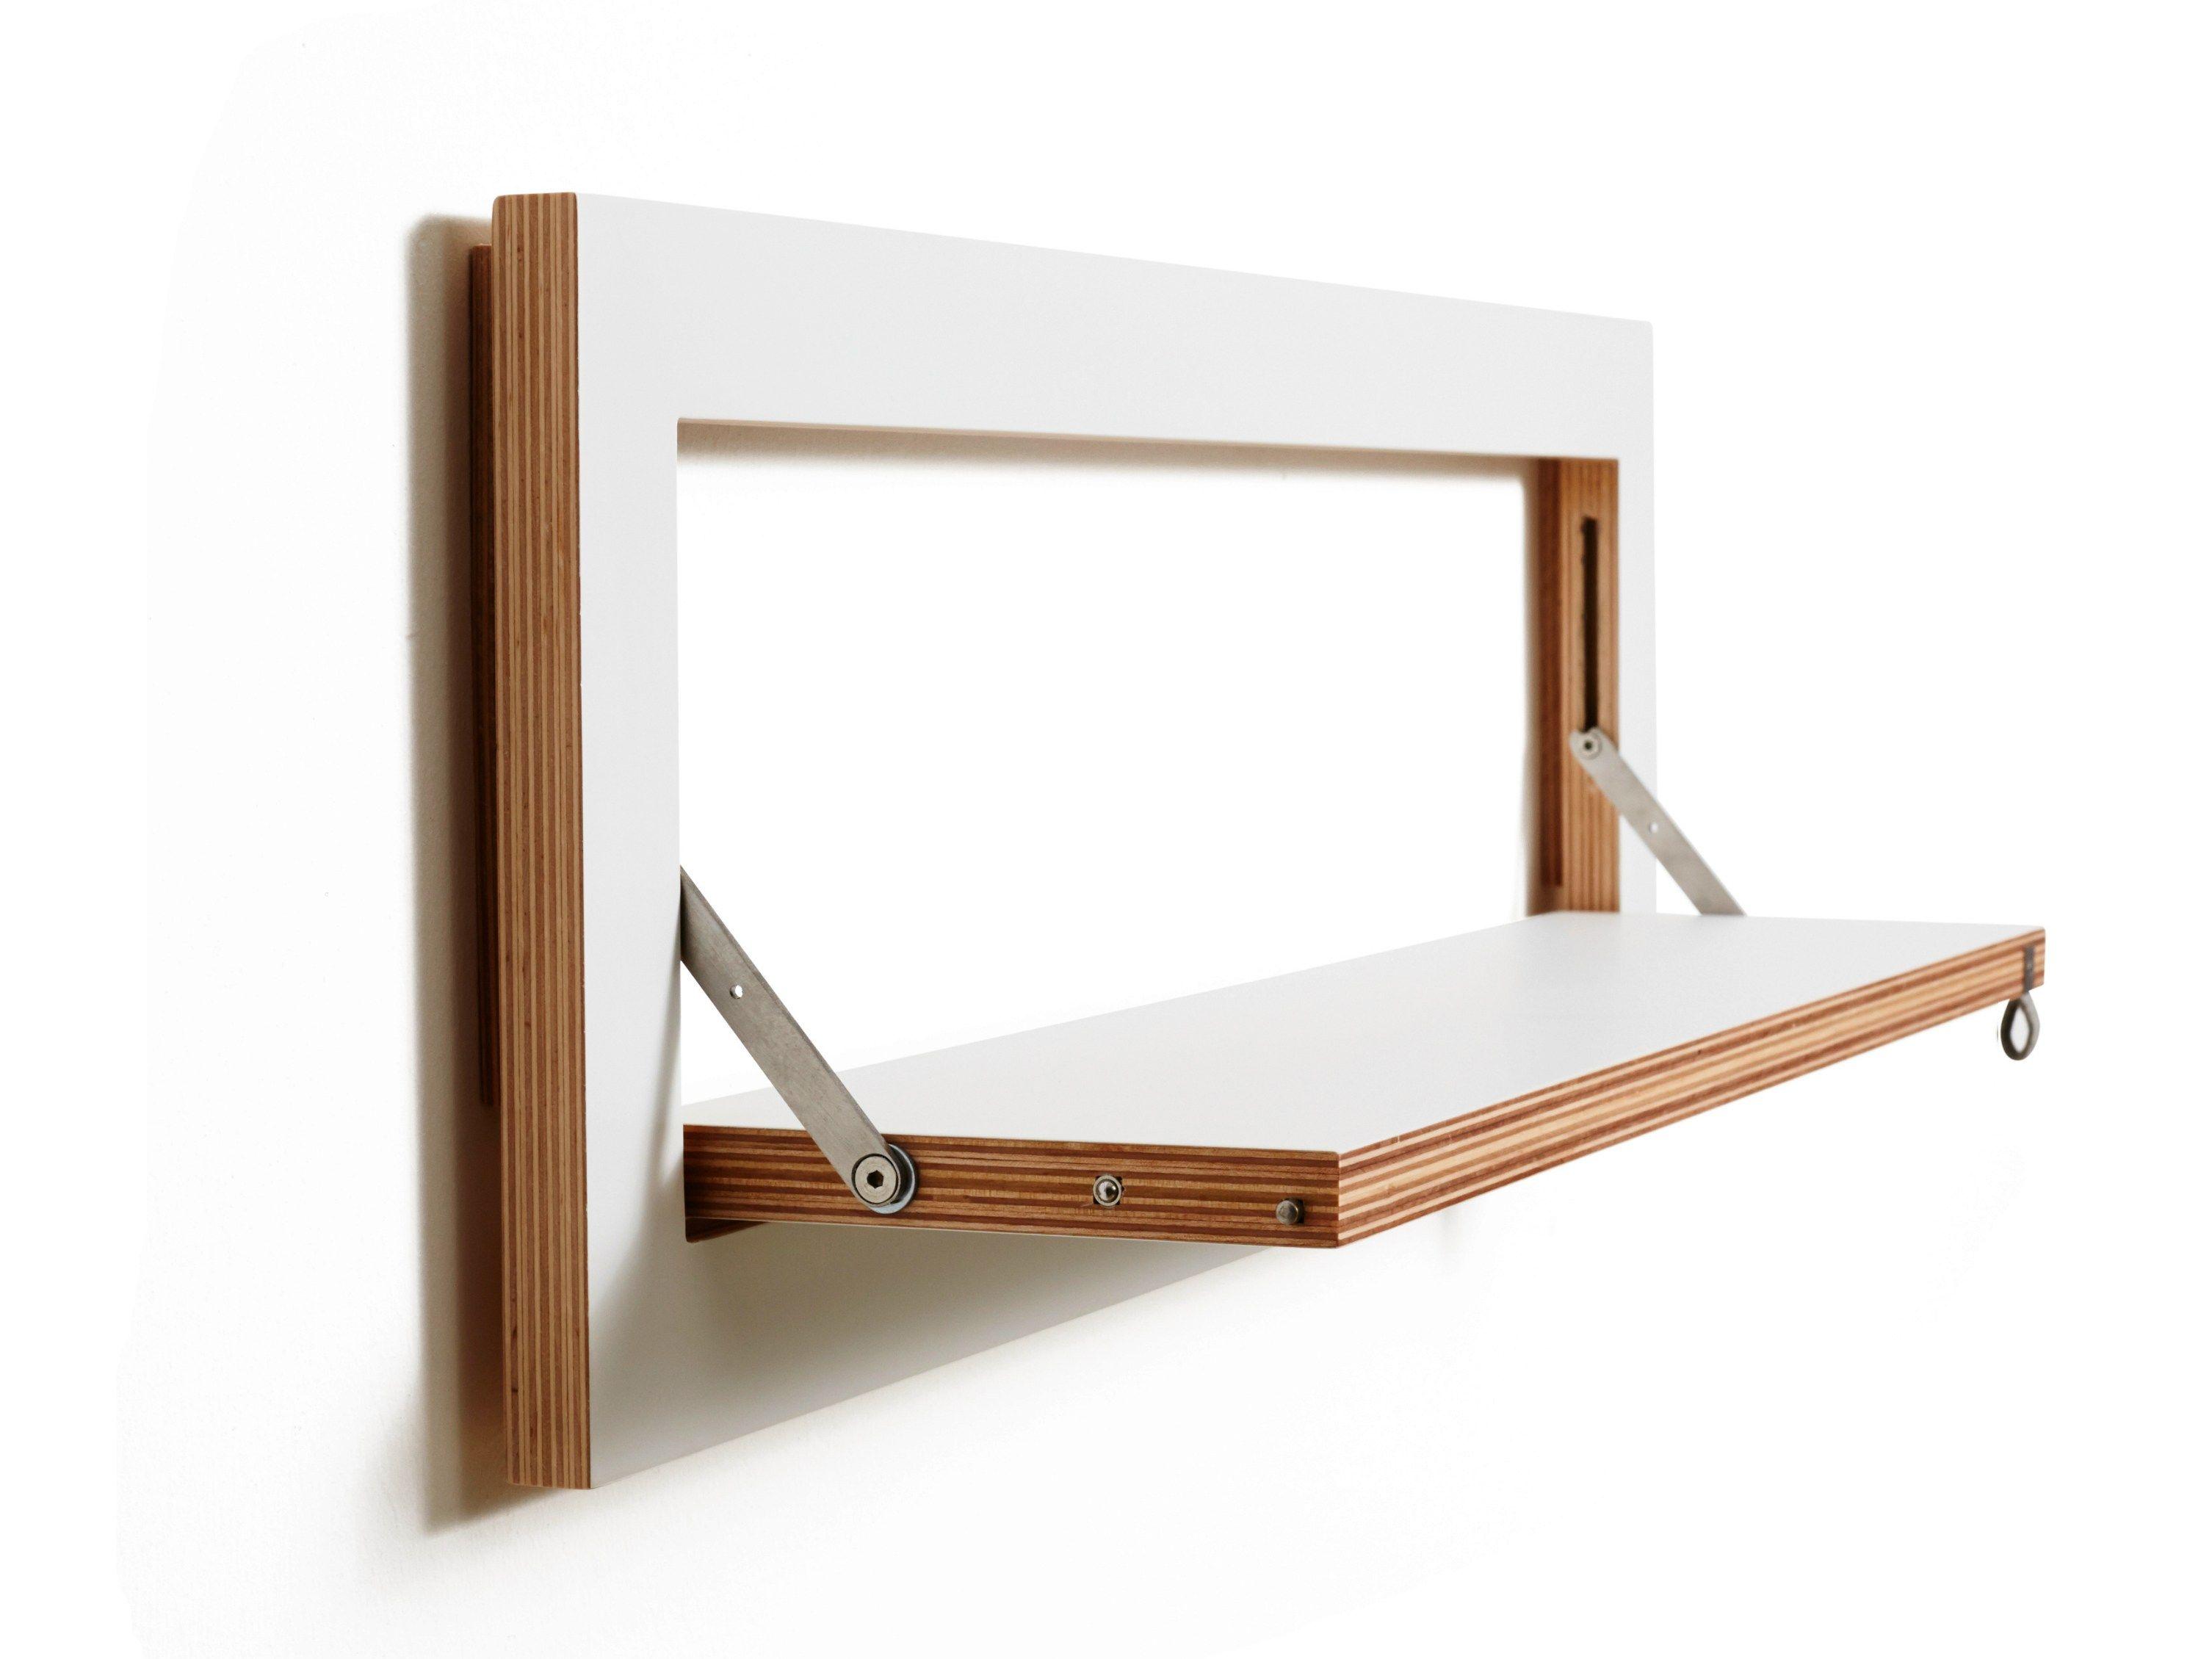 Wall mounted folding shelf shelf design remarkable modern for Table pliante walmart